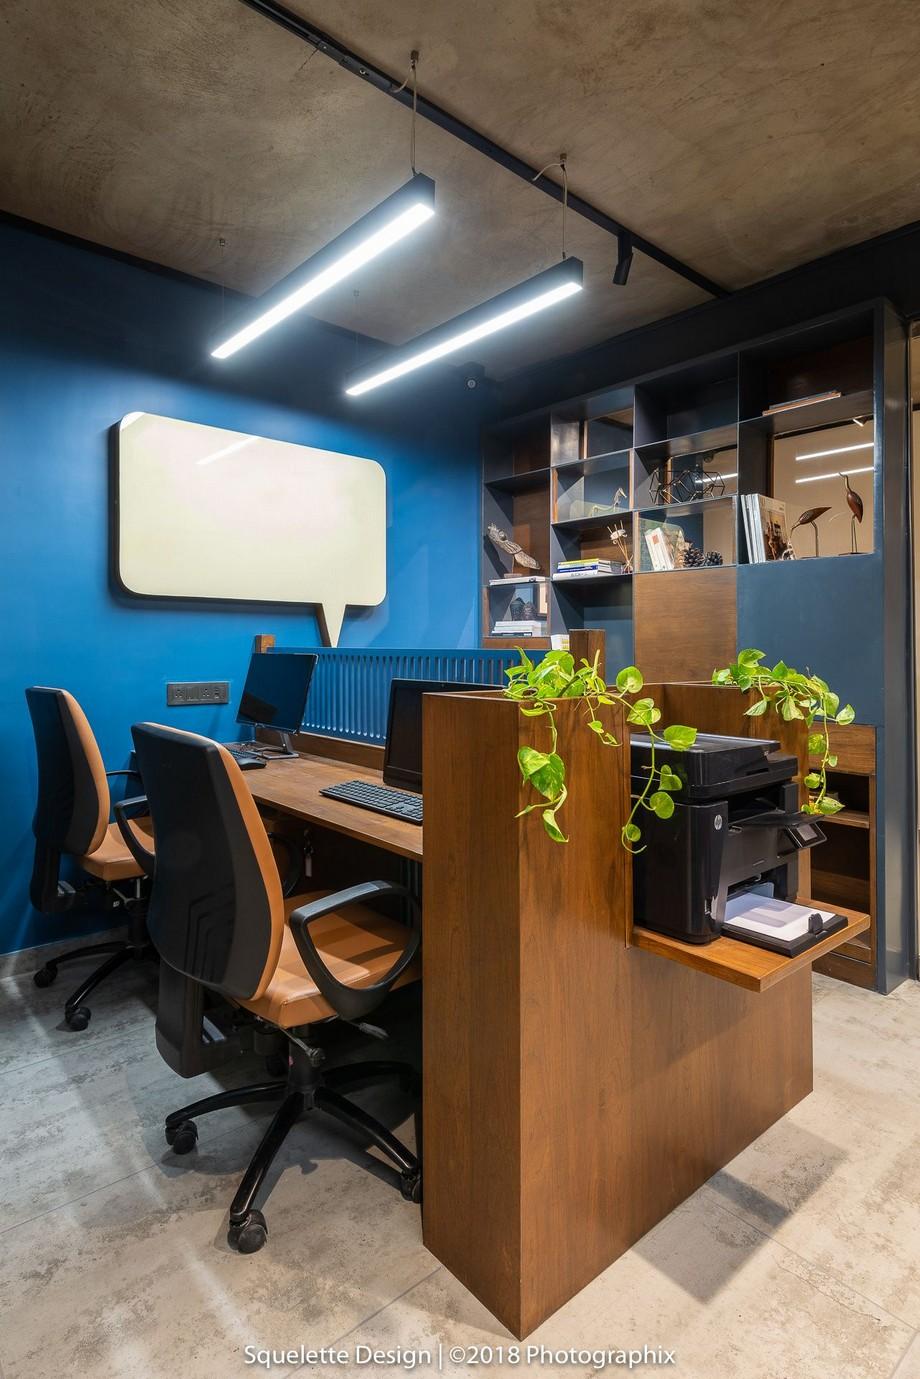 THiết kế nội thất văn phòng 10m2 dưới đây vẫn không quên điểm nhấn la cây dây leo mềm mại